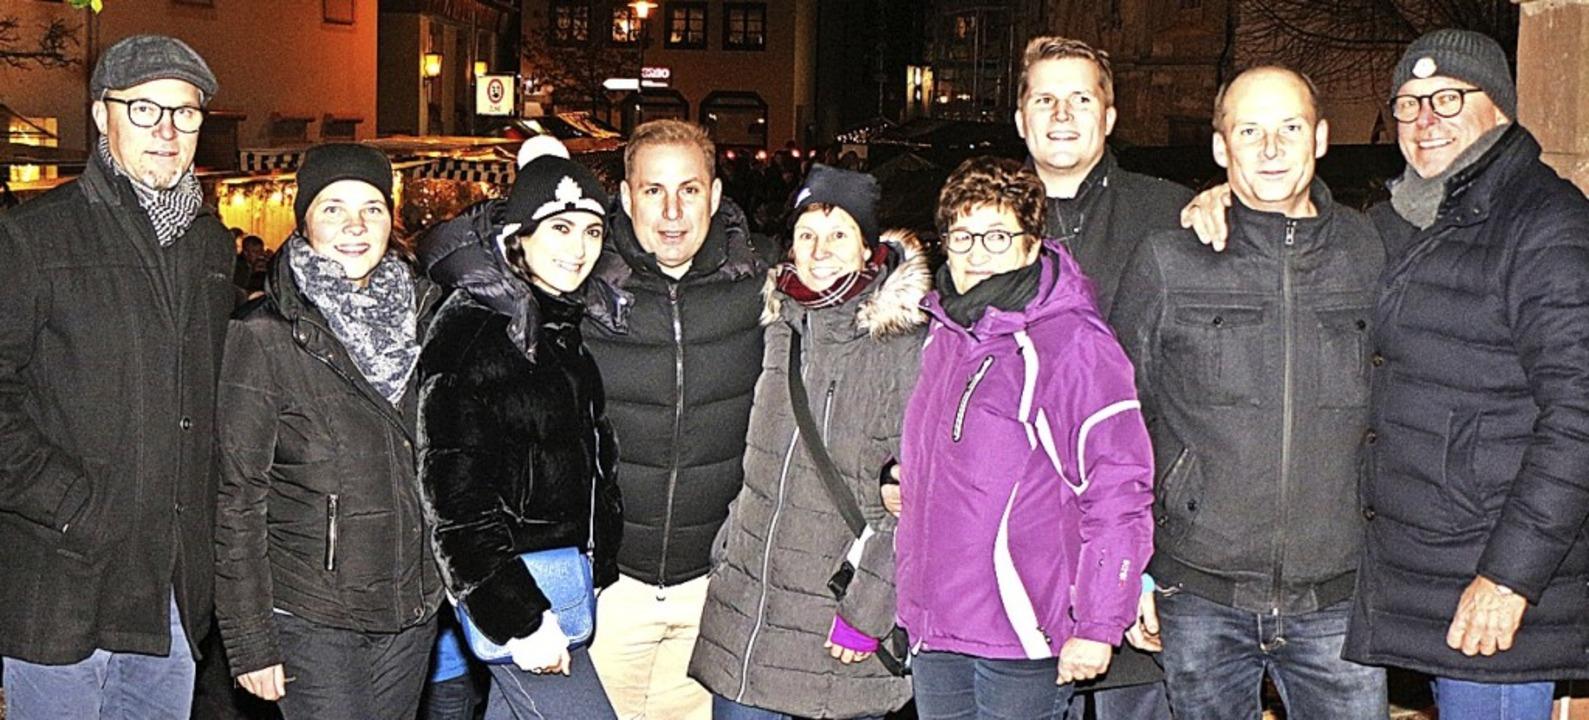 Das Orga-Team des Riegeler Weihnachtsm...gelungenen Neustart in der Ortsmitte.     Foto: Helmut Hassler